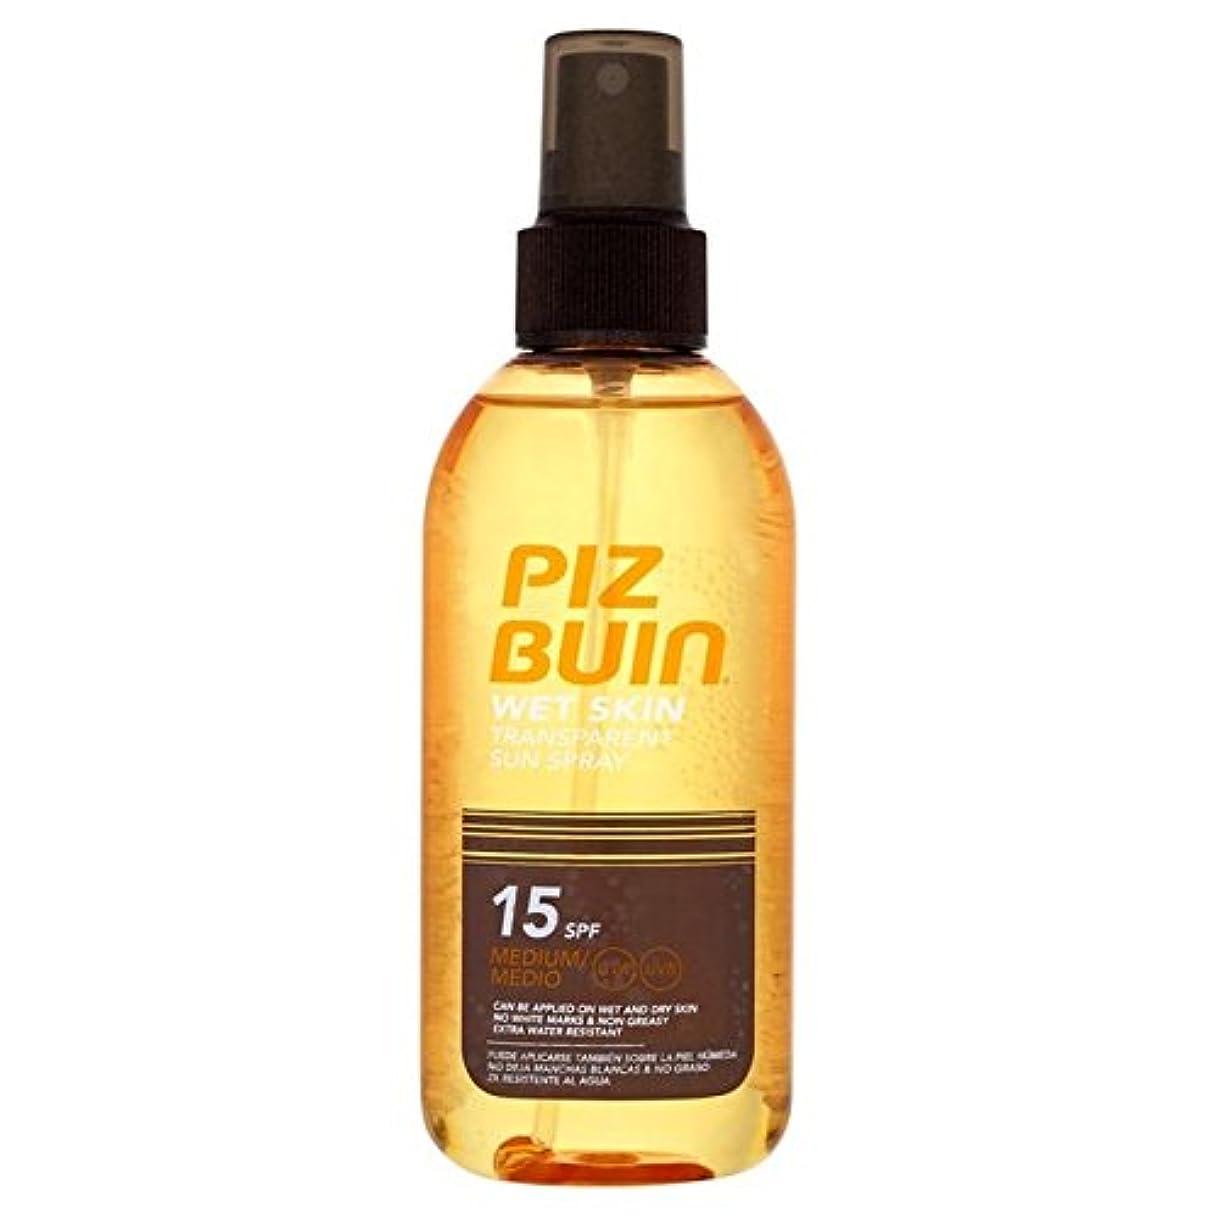 パスタ航空会社ボクシングピッツブーインの湿った透明肌15の150ミリリットル x4 - Piz Buin Wet Transparent Skin SPF15 150ml (Pack of 4) [並行輸入品]